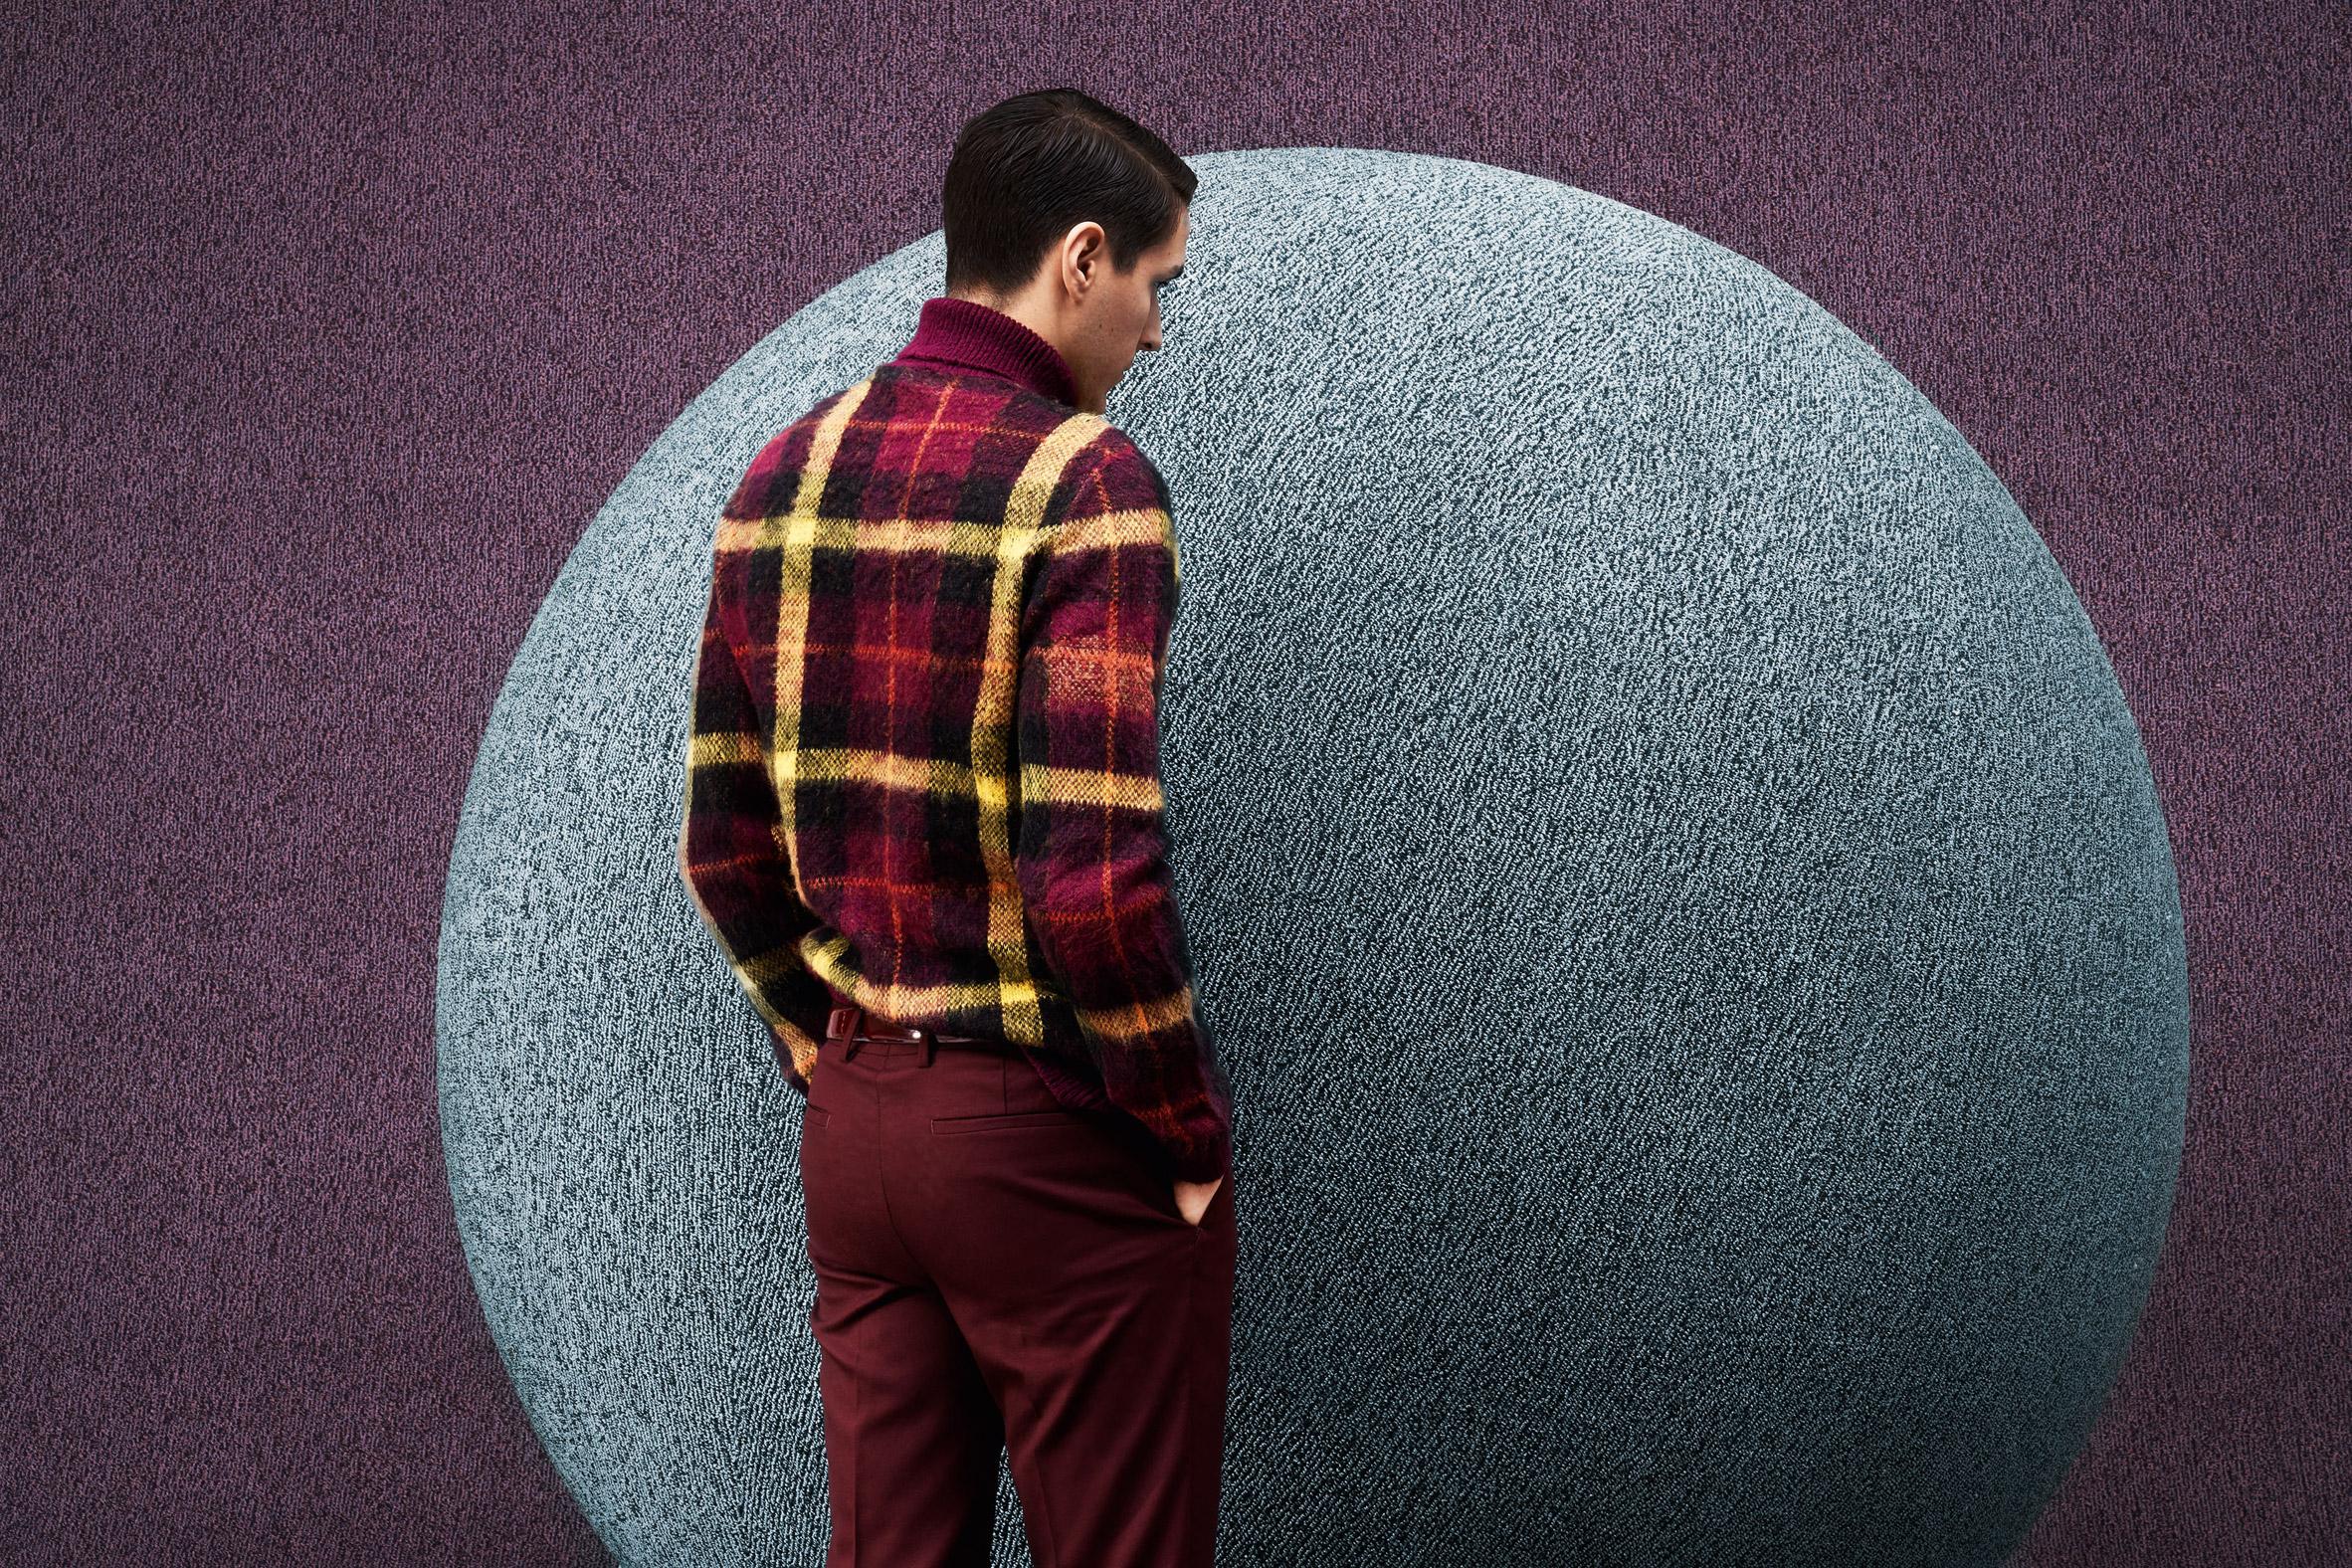 Deal x Feel carpet by Ippolito Fleitz Group for Object Carpet